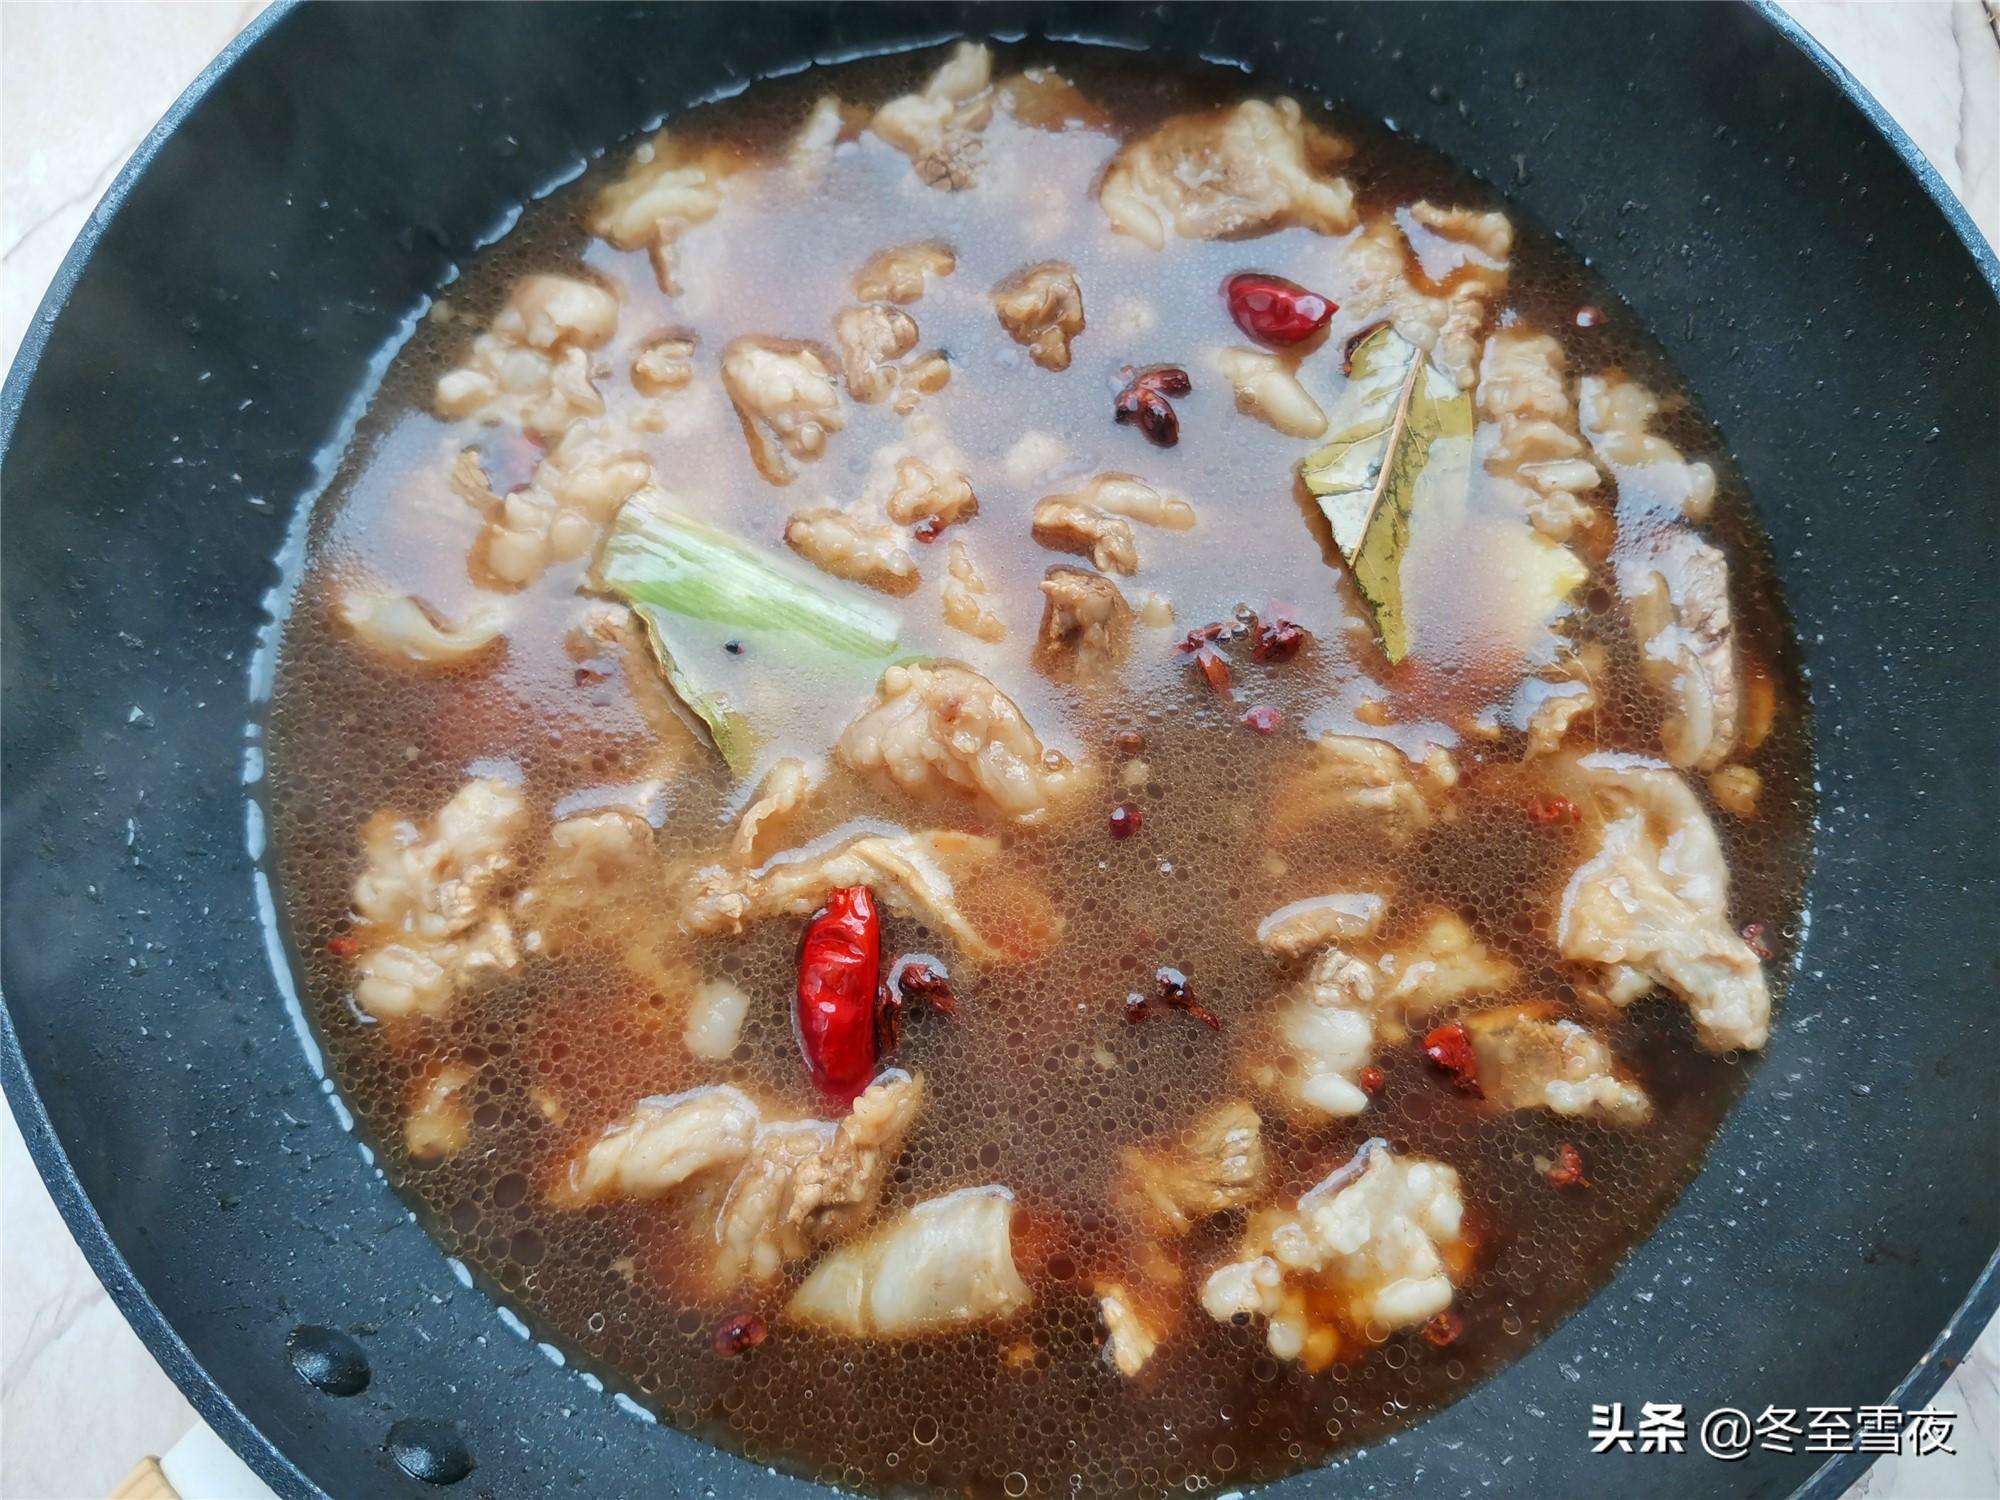 做道这个筋头巴脑锅,软烂入味,香气四溢,太解馋了 美食做法 第5张